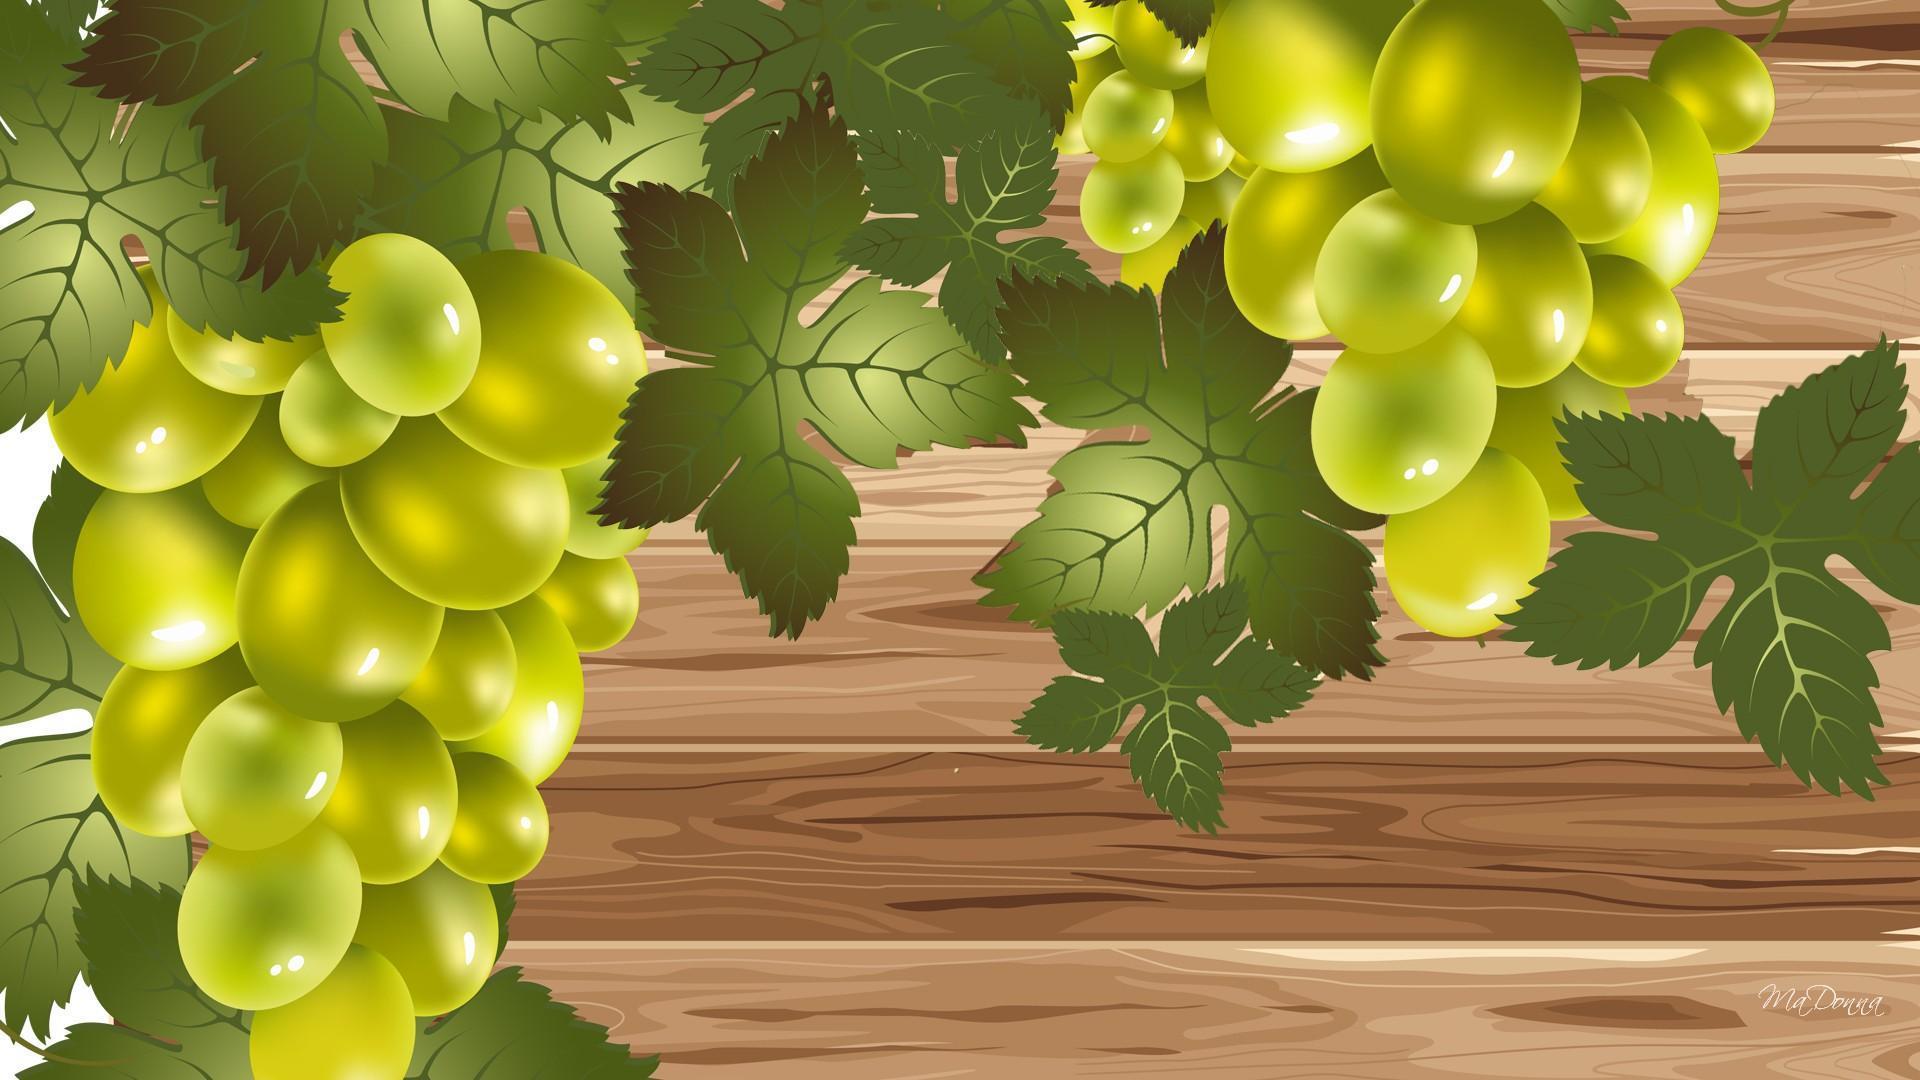 Fall Wallpaper Photos Microsoft Grape Vines On Wood Hd Desktop Wallpaper Widescreen